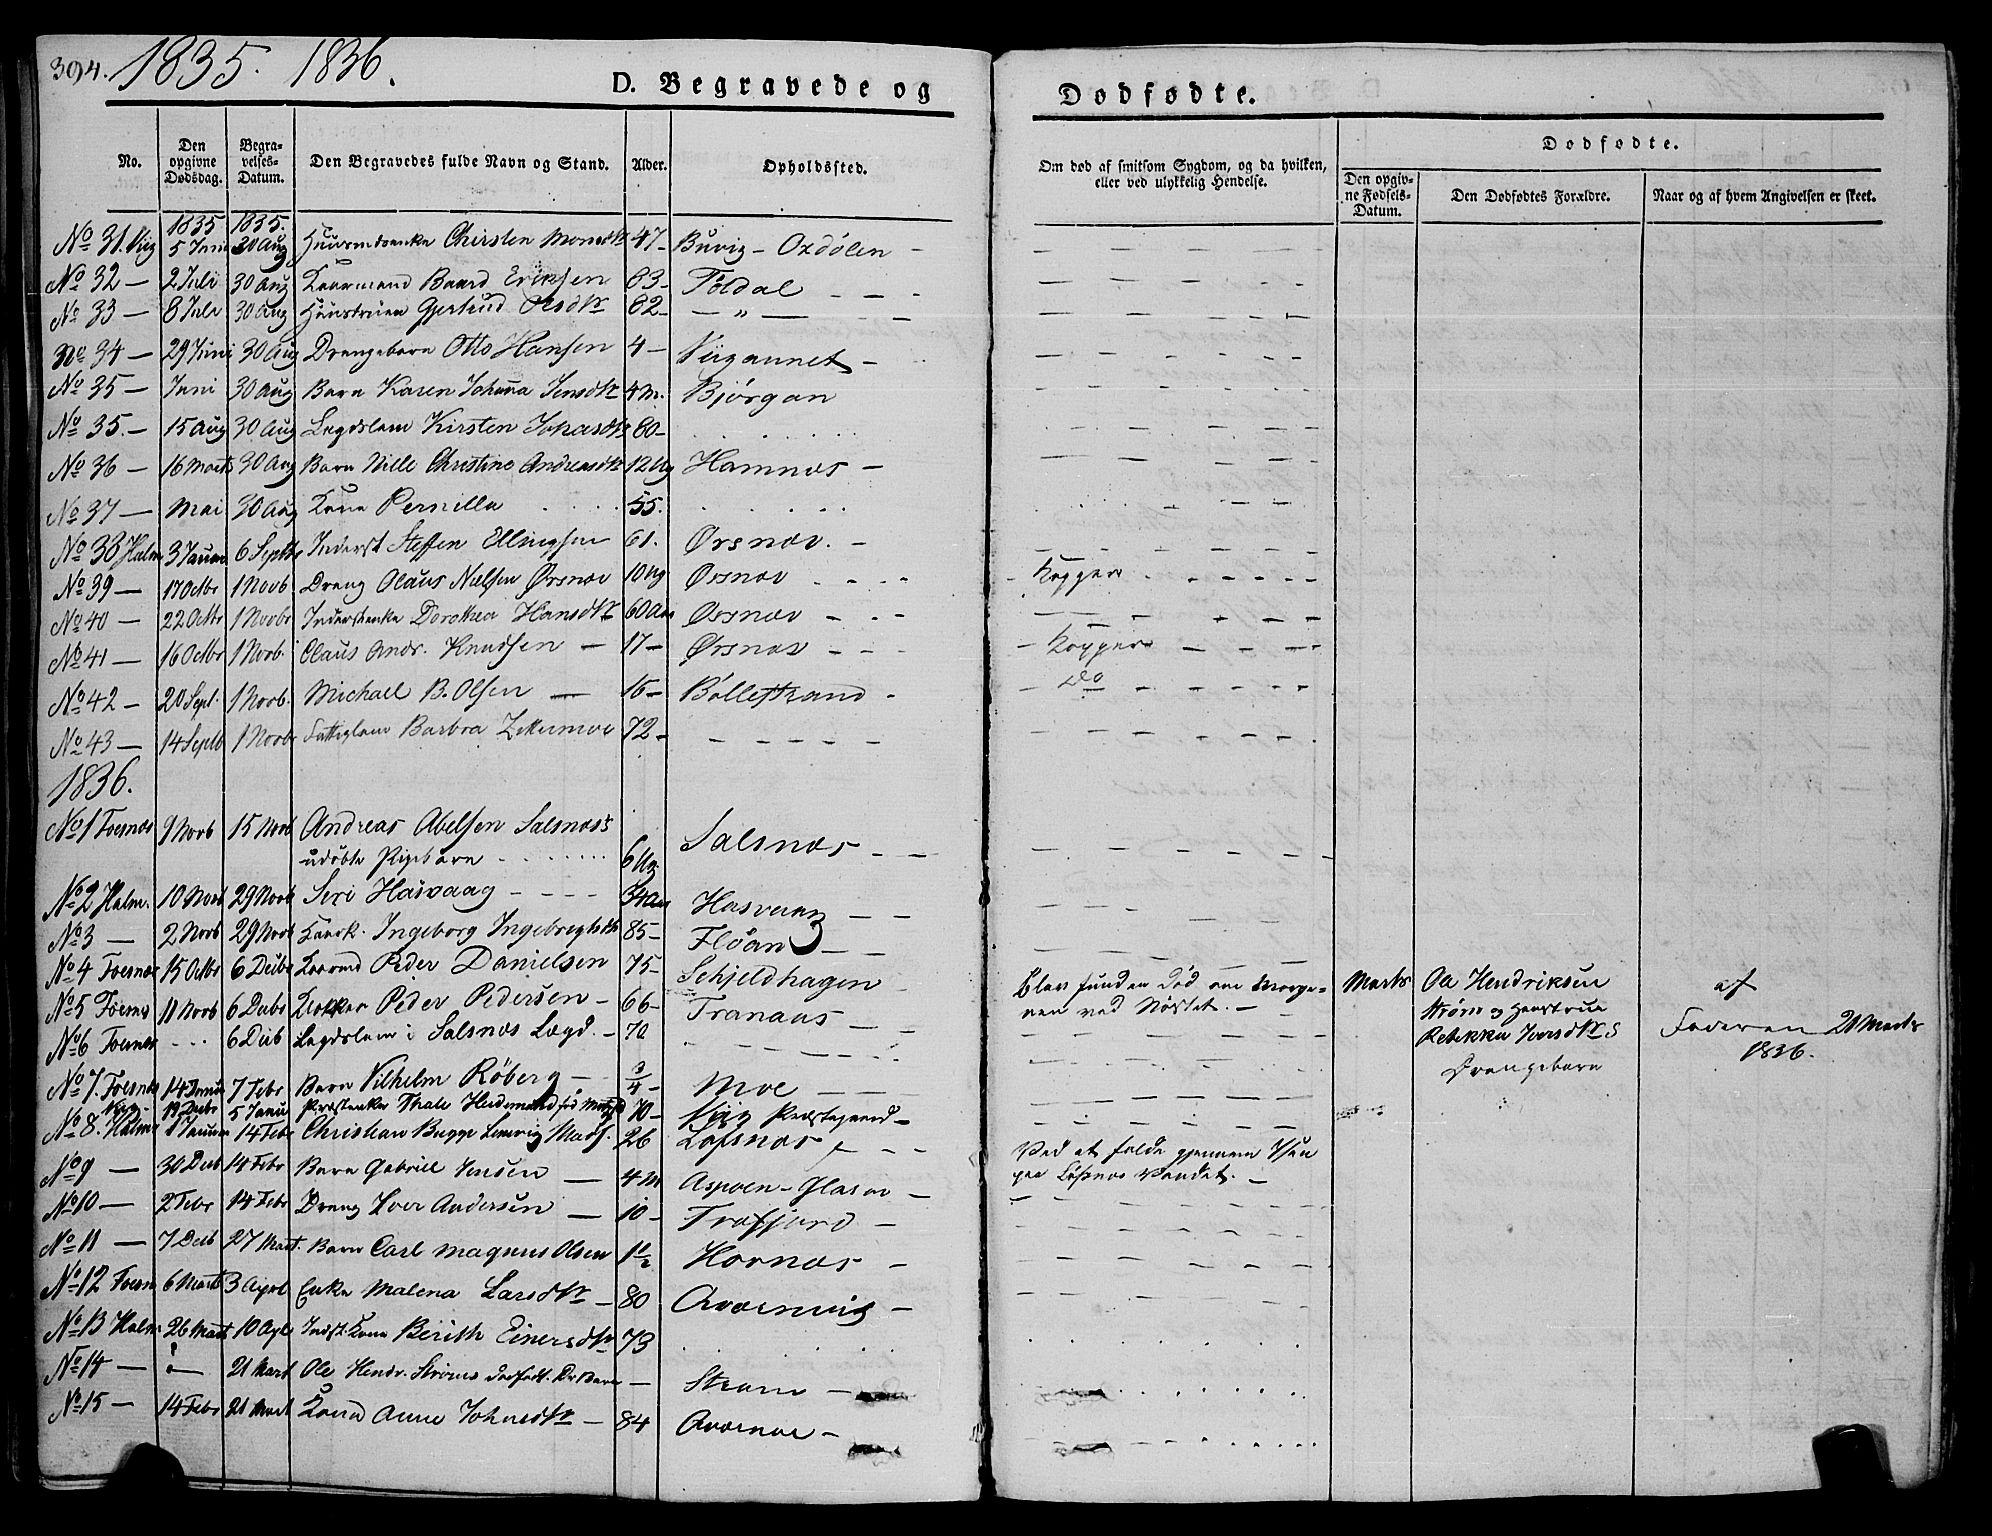 SAT, Ministerialprotokoller, klokkerbøker og fødselsregistre - Nord-Trøndelag, 773/L0614: Ministerialbok nr. 773A05, 1831-1856, s. 394